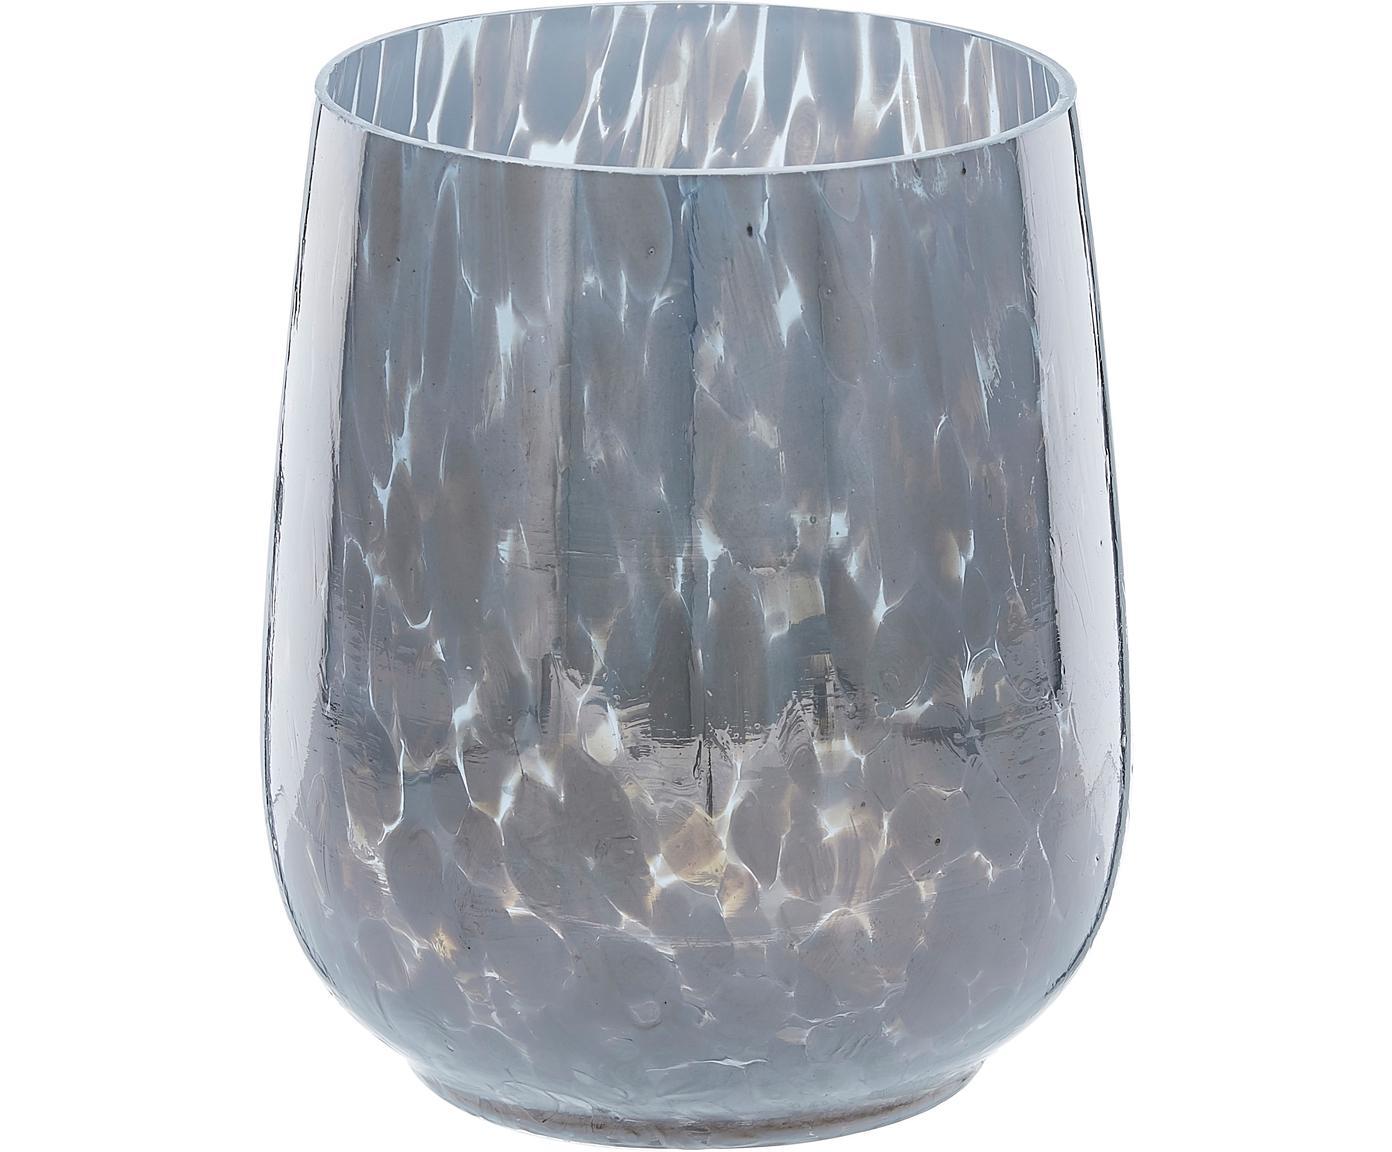 Windlicht Gunia, Glas, Donkerbruin, Ø 10 x H 12 cm